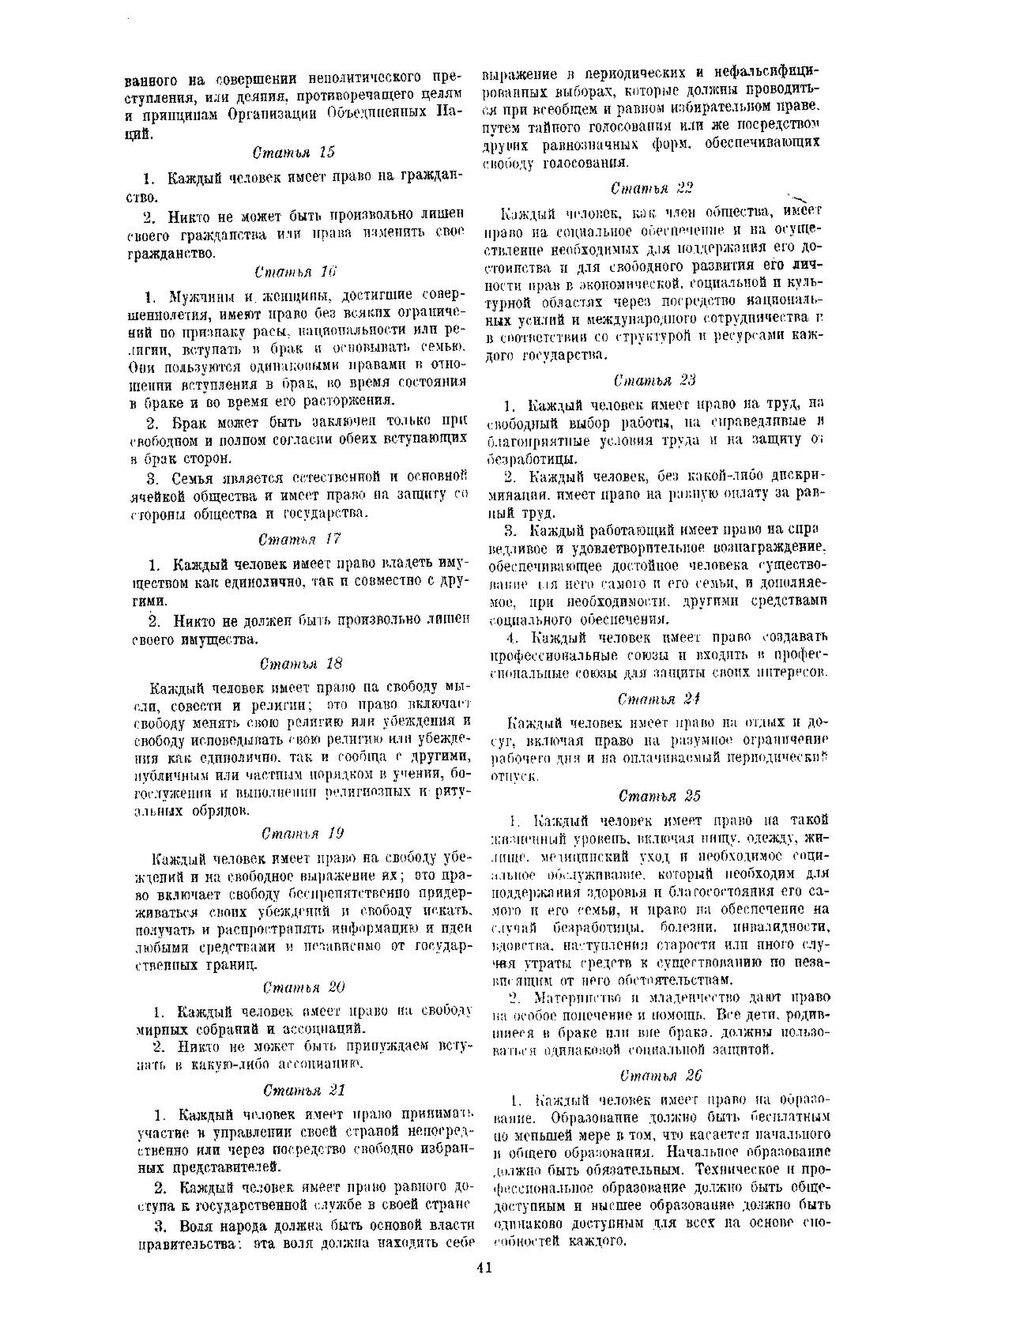 право на гражданство декларация прав человека